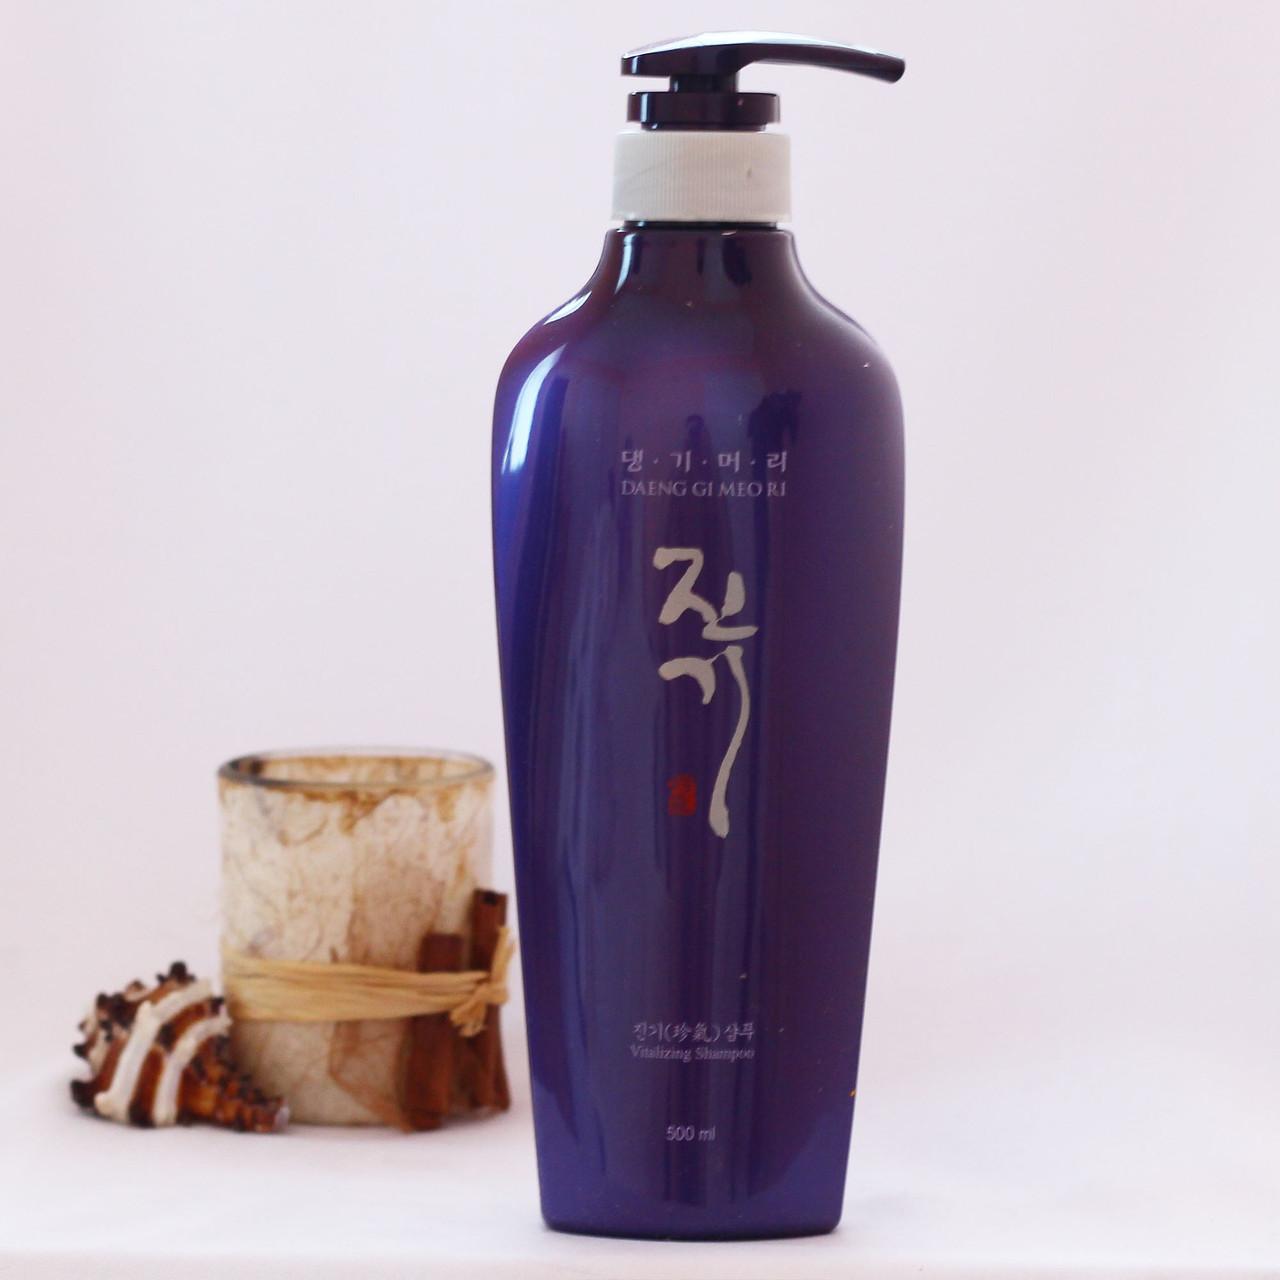 Відновлюючий шампунь Daeng Gi Meo Ri Vitalizing Shampoo 500мл